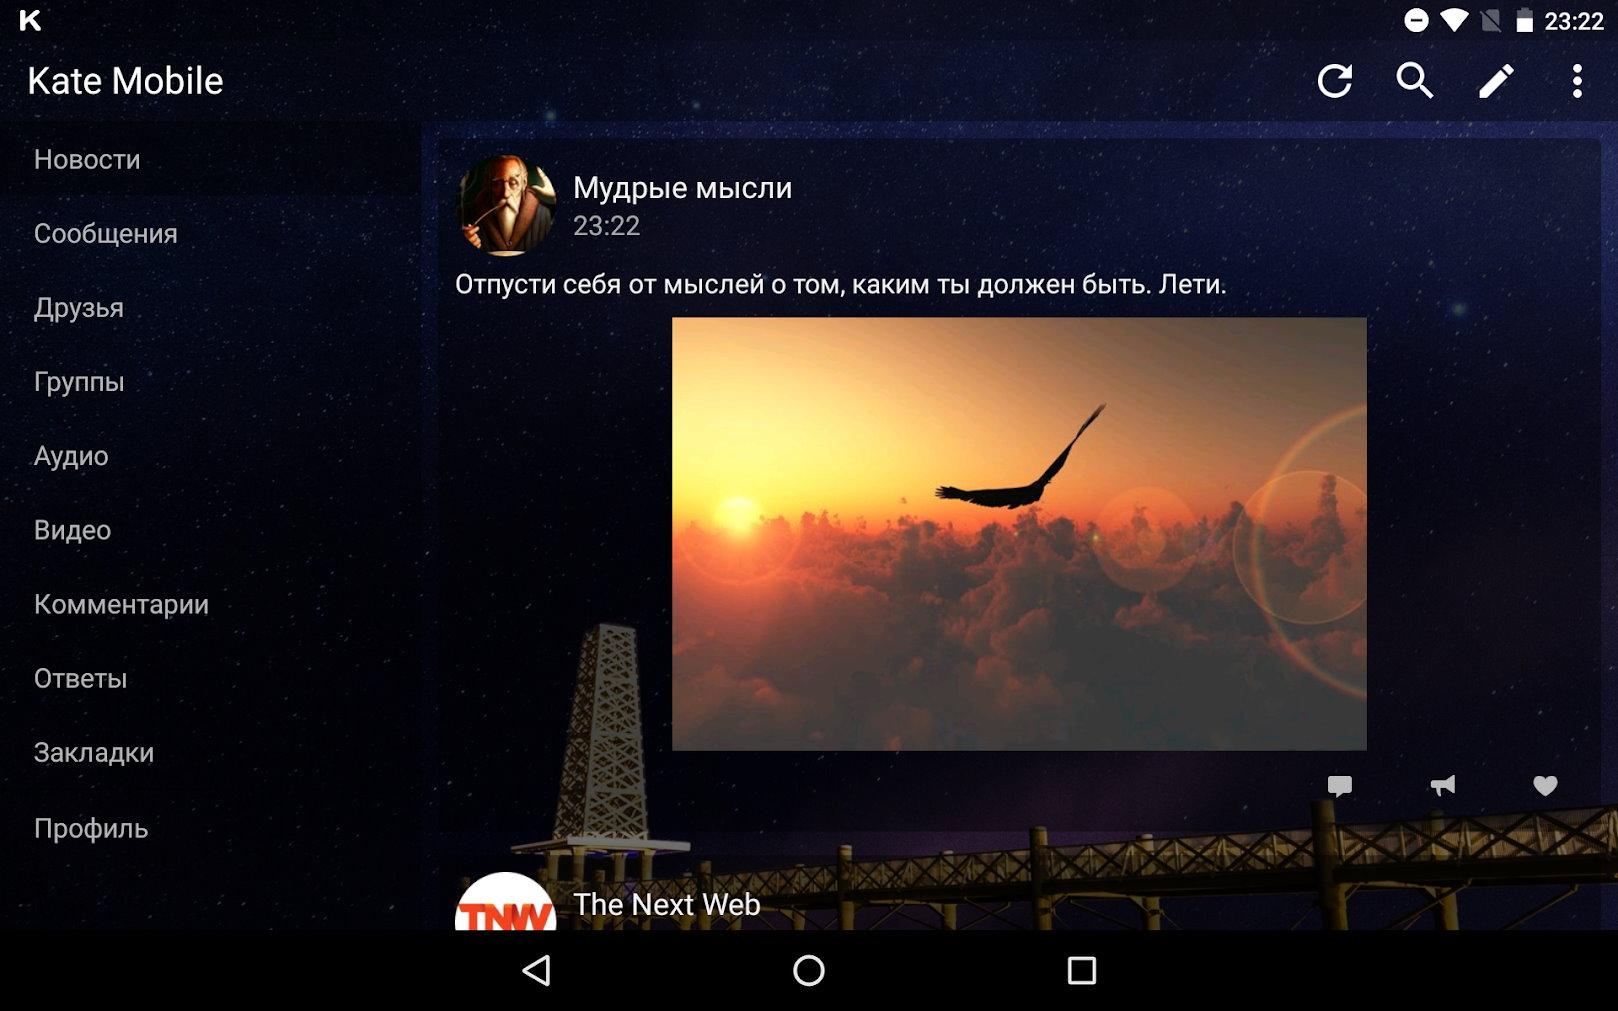 Скачать kate mobile 50 для android.